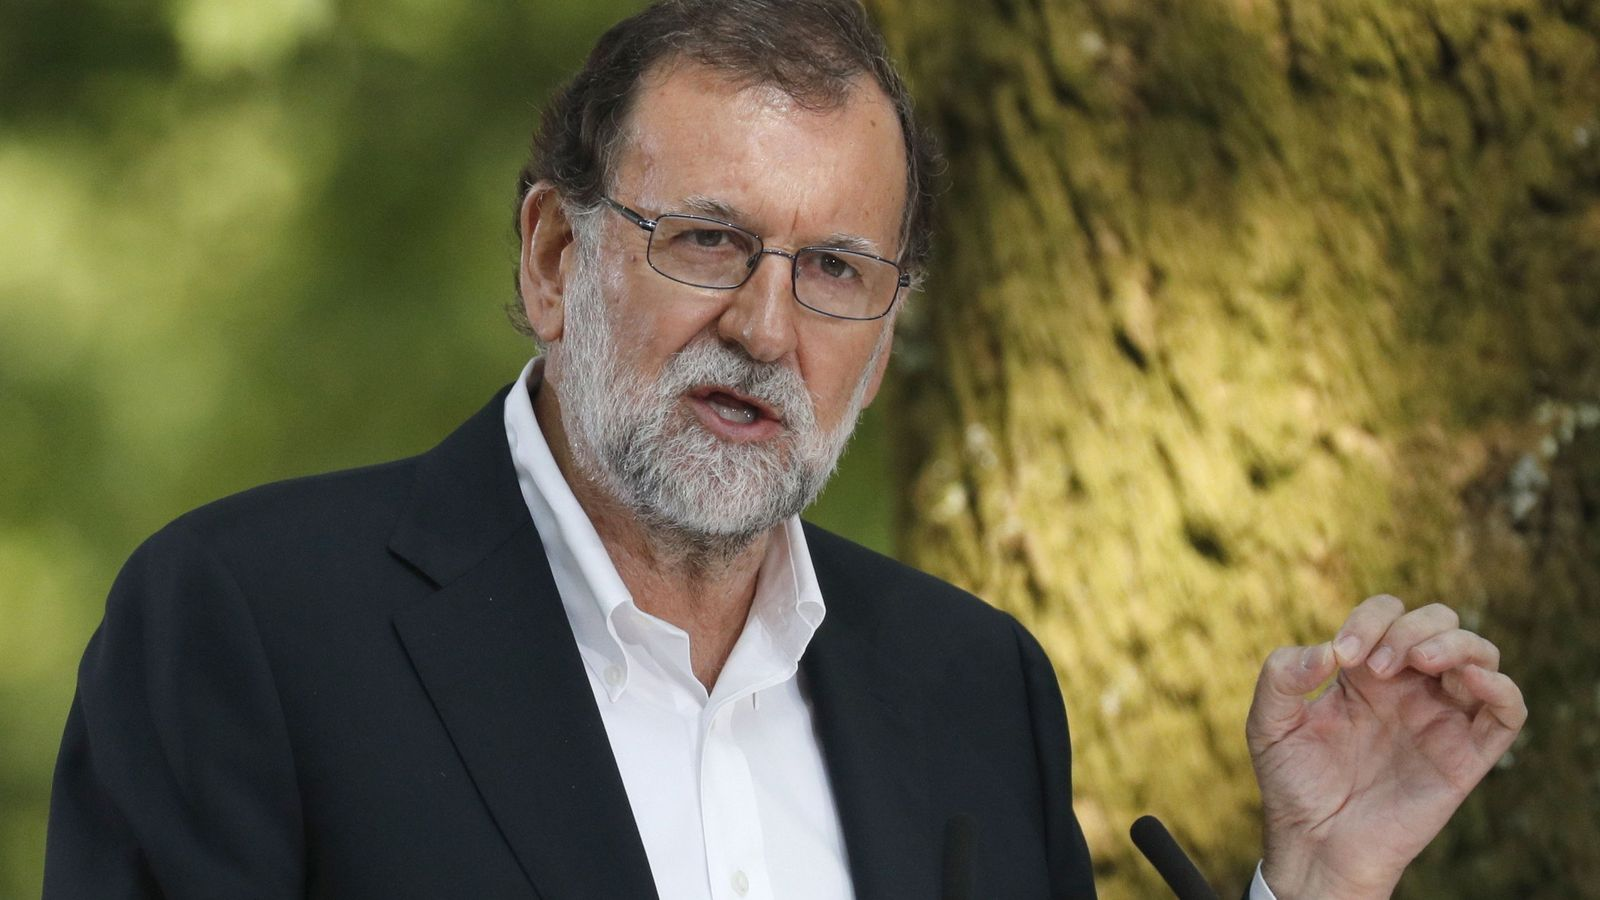 Foto: El presidente del Gobierno, Mariano Rajoy, durante su intervención en el acto con el que el partido Popular dio comenzo al curso político. (EFE)